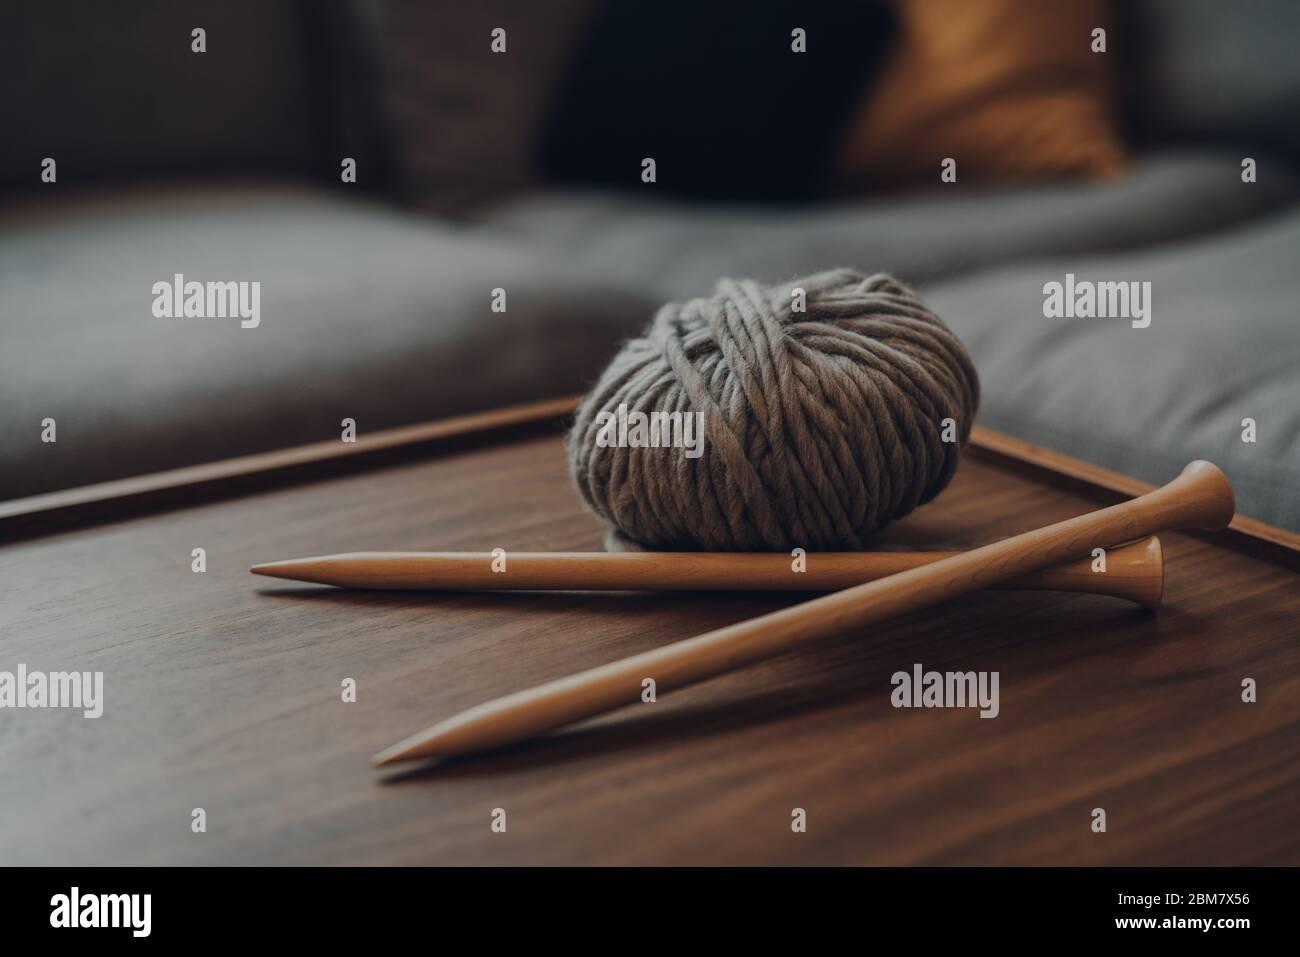 Nahaufnahme einer Kugel aus grauem, grobem Wollgarn und einem Paar gekreuzte große Holzstricknadeln auf einem Holztisch, flacher Fokus, in moderner Scandi-Int Stockfoto